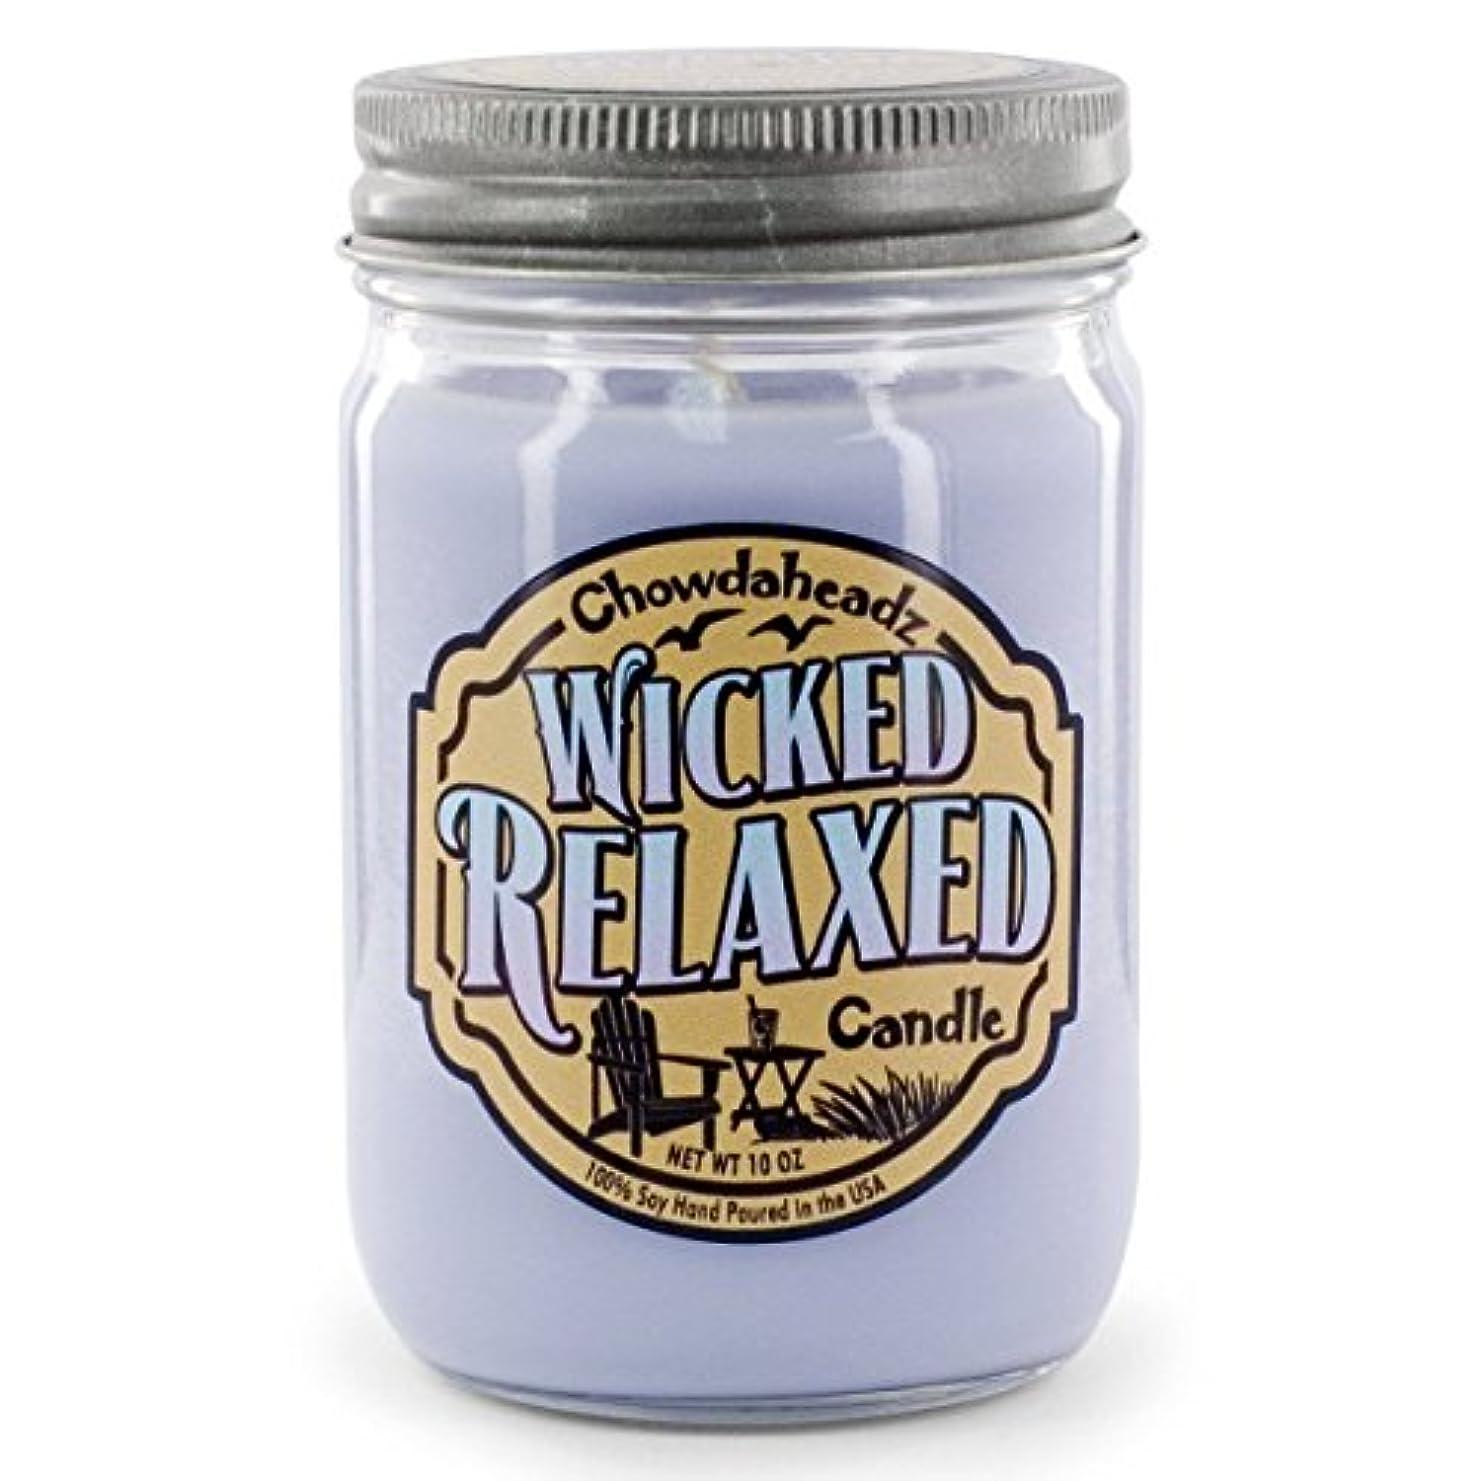 展示会信頼できる持つWicked Relaxed Candle 100 %大豆、すべての自然、Made in the USA by Chowdaheadz